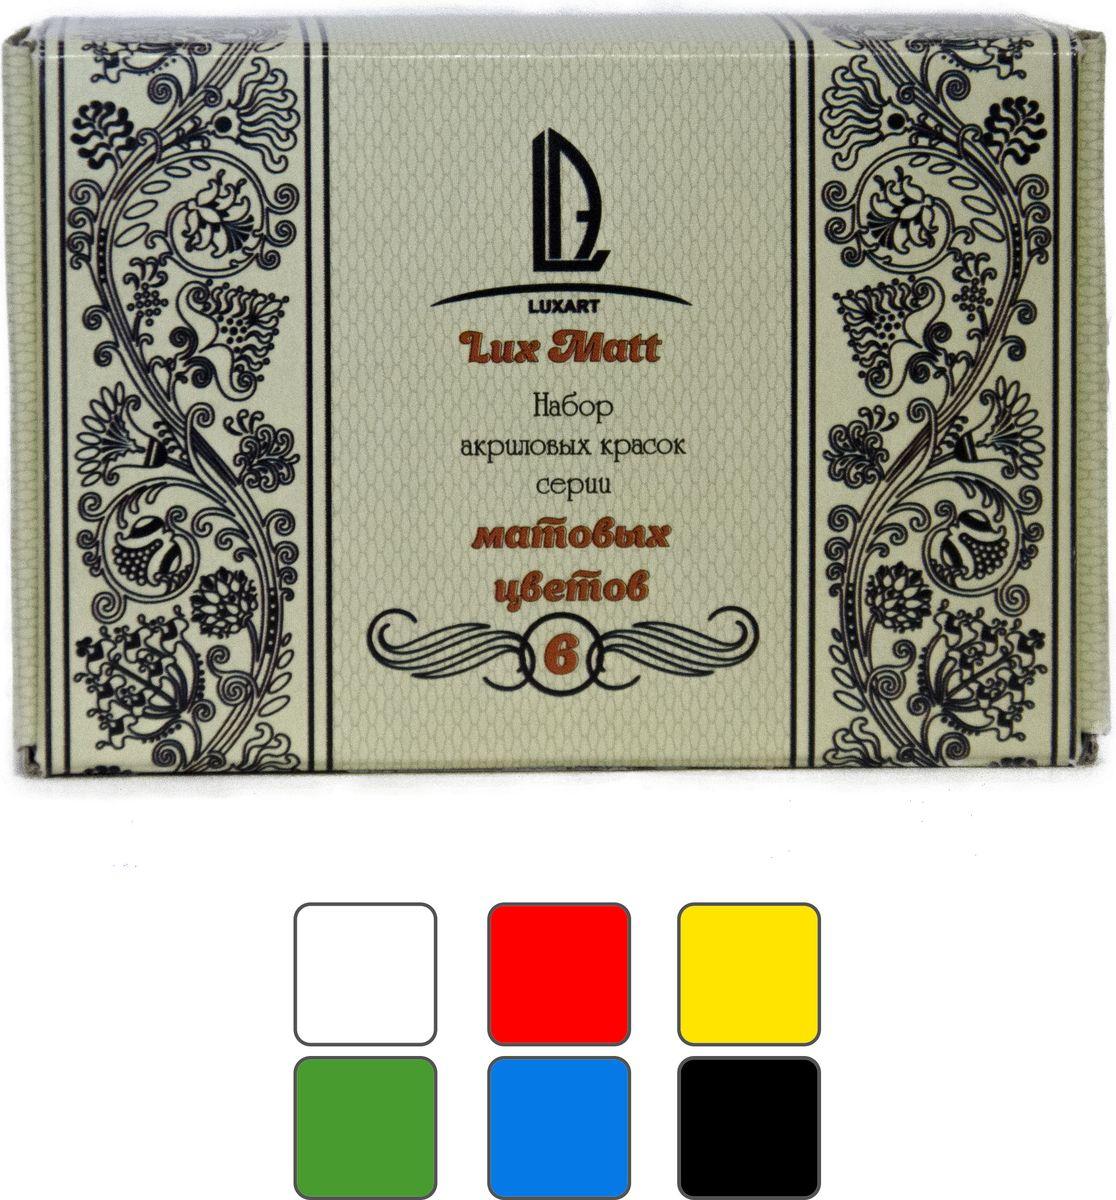 Luxart Набор красок LuxSet Matt 6 цветов 20 млA21V80Набор акриловых красок матовой серии 6 цветов по 20 мл.